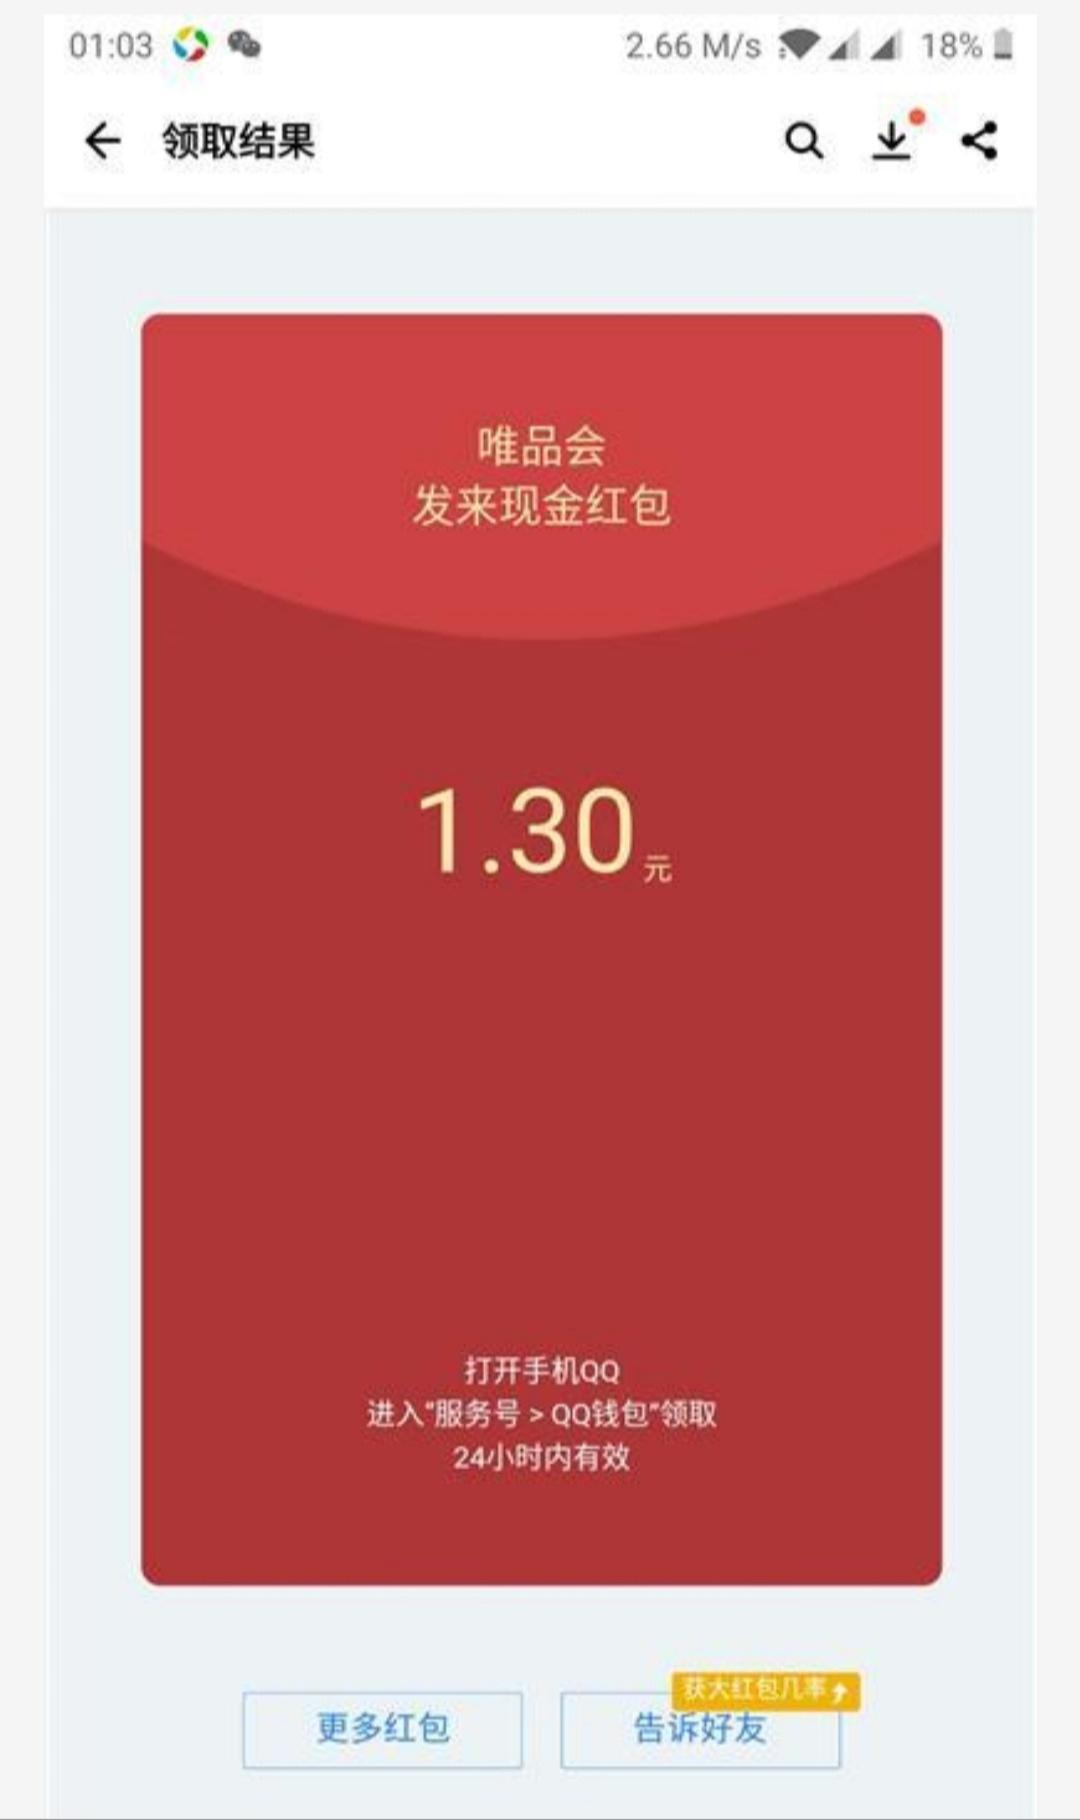 【现金红包】必中大水!!!-www.im86.com